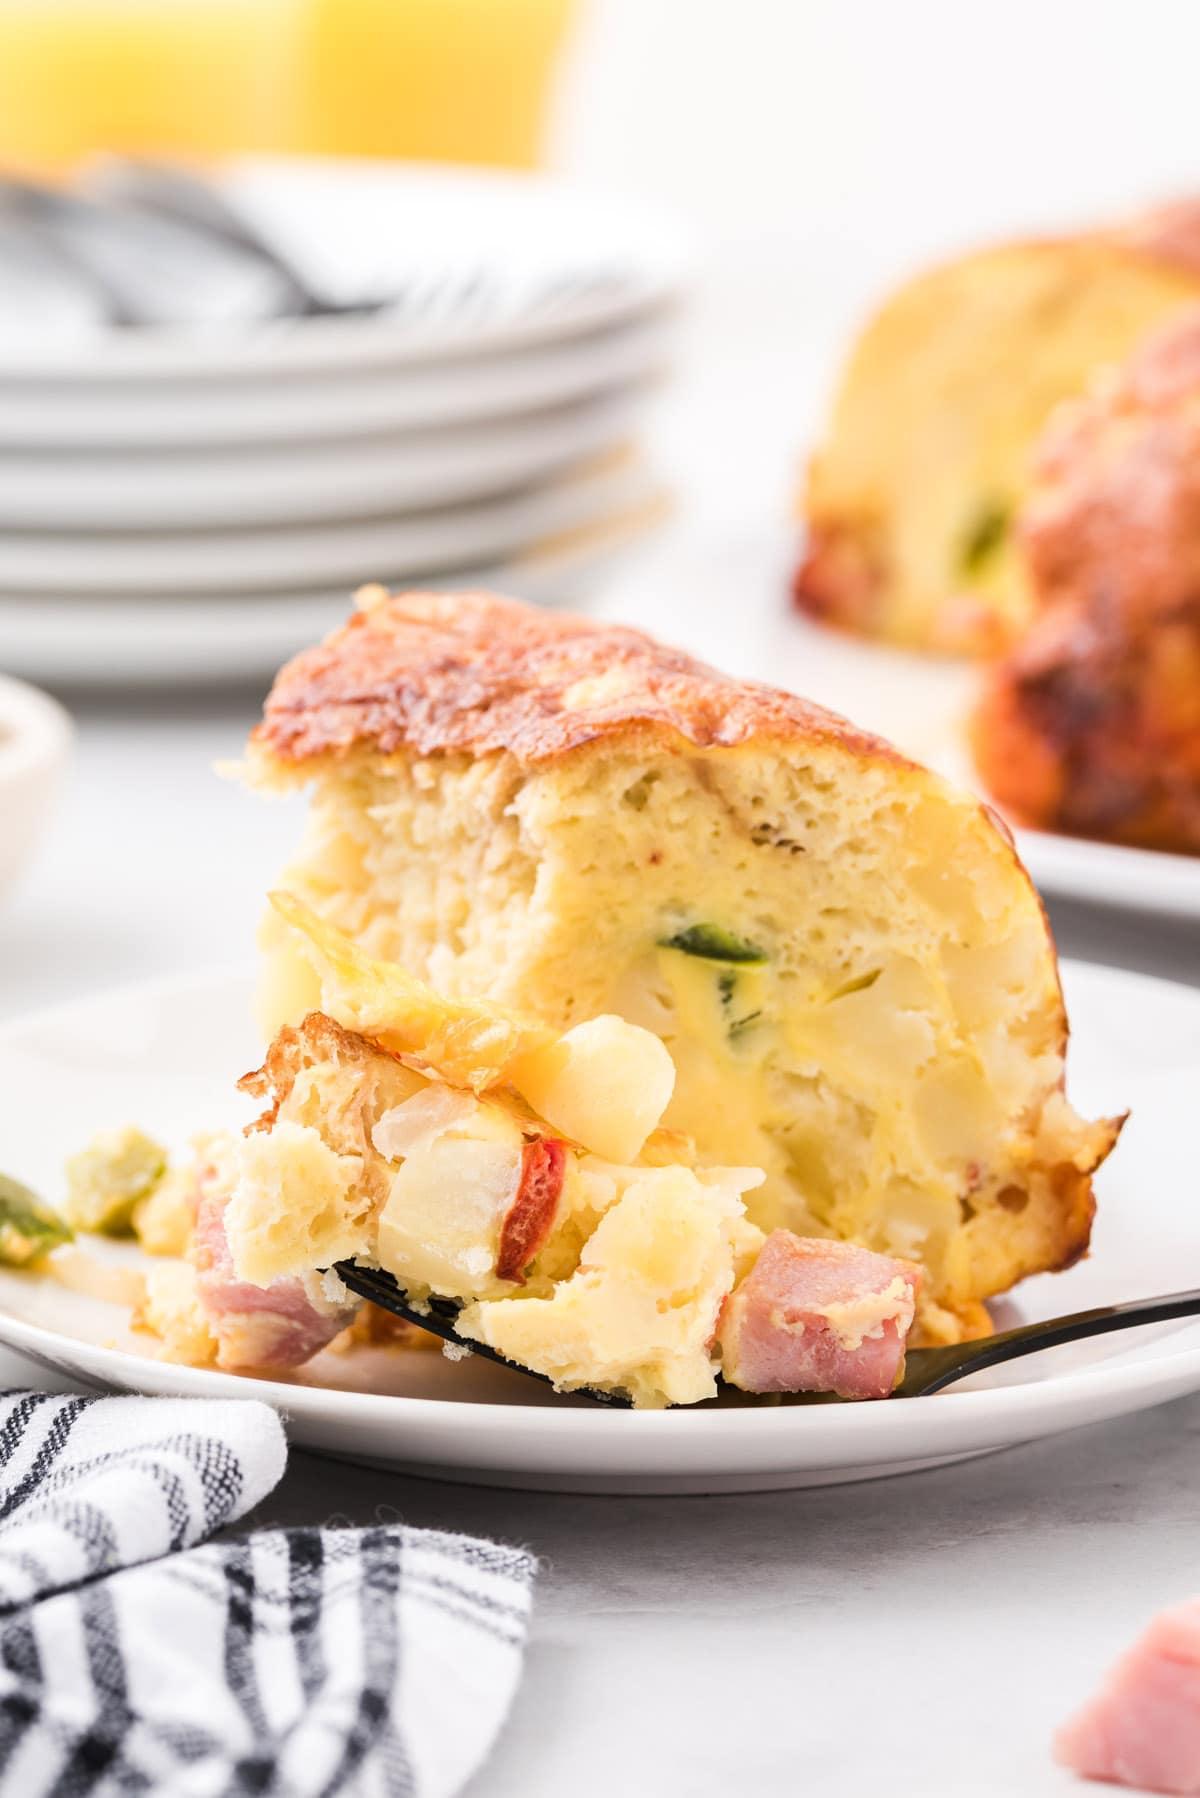 breakfast bundt cake on a plate